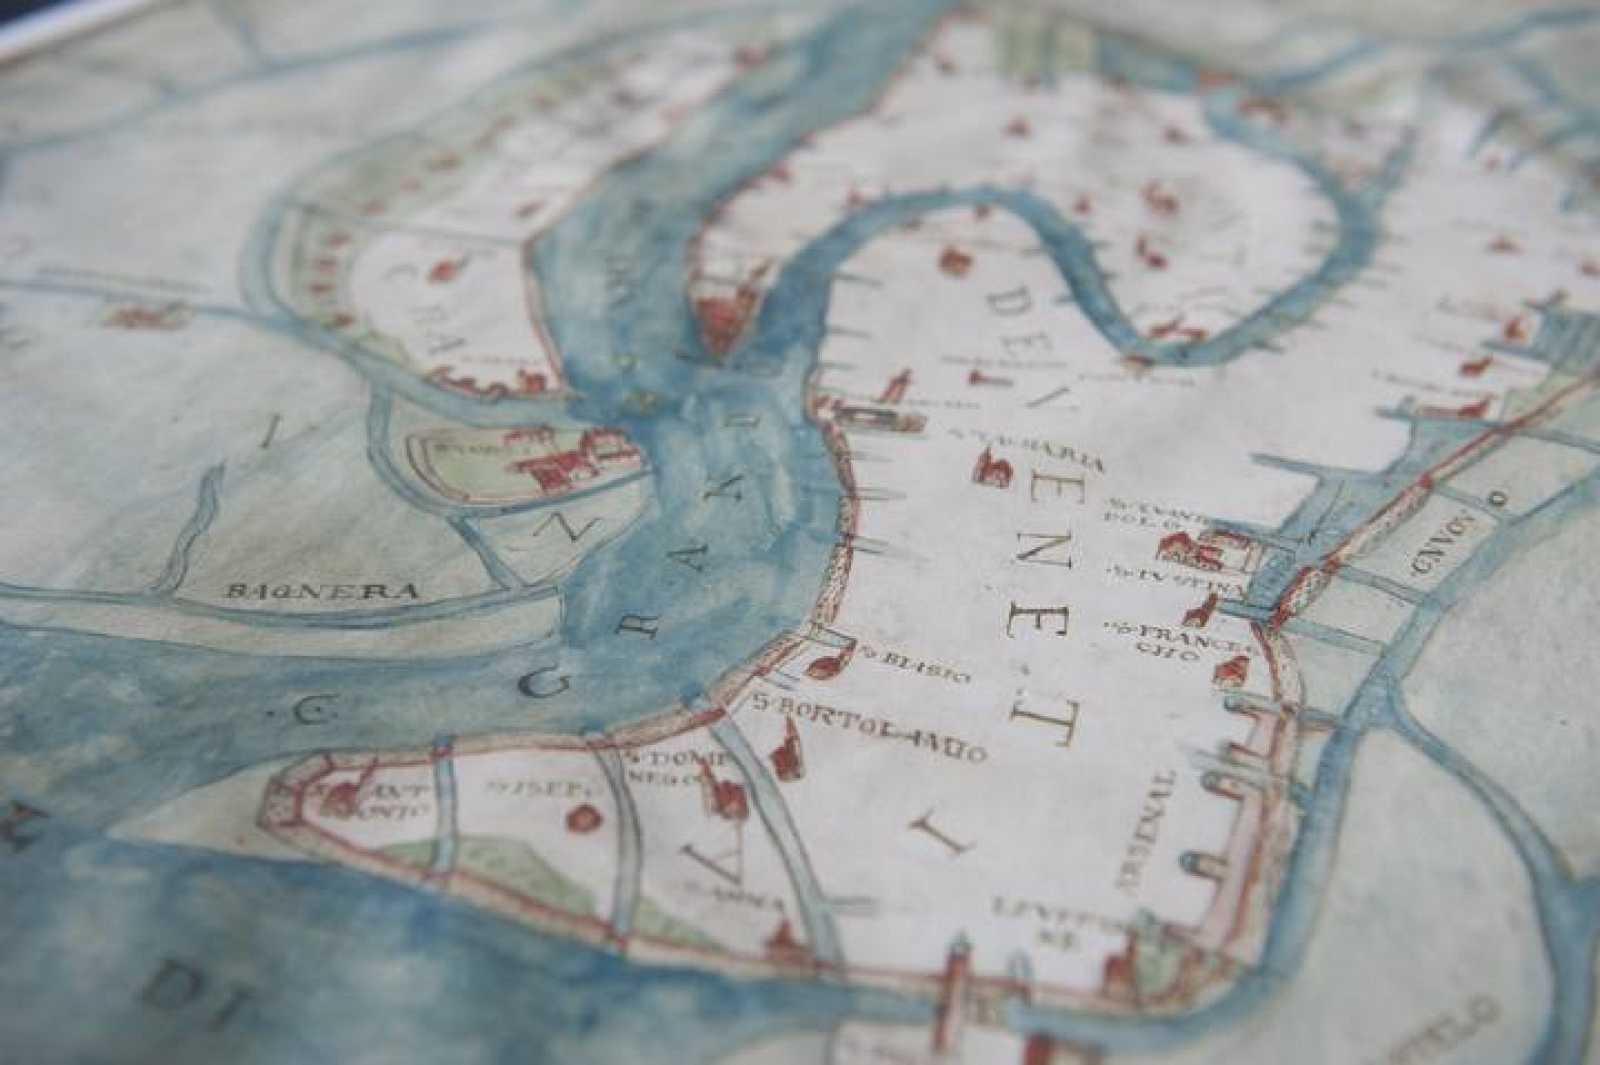 454fe909f Detalle de un mapa de Venecia de 1557 de la planificación urbana y de  canales.